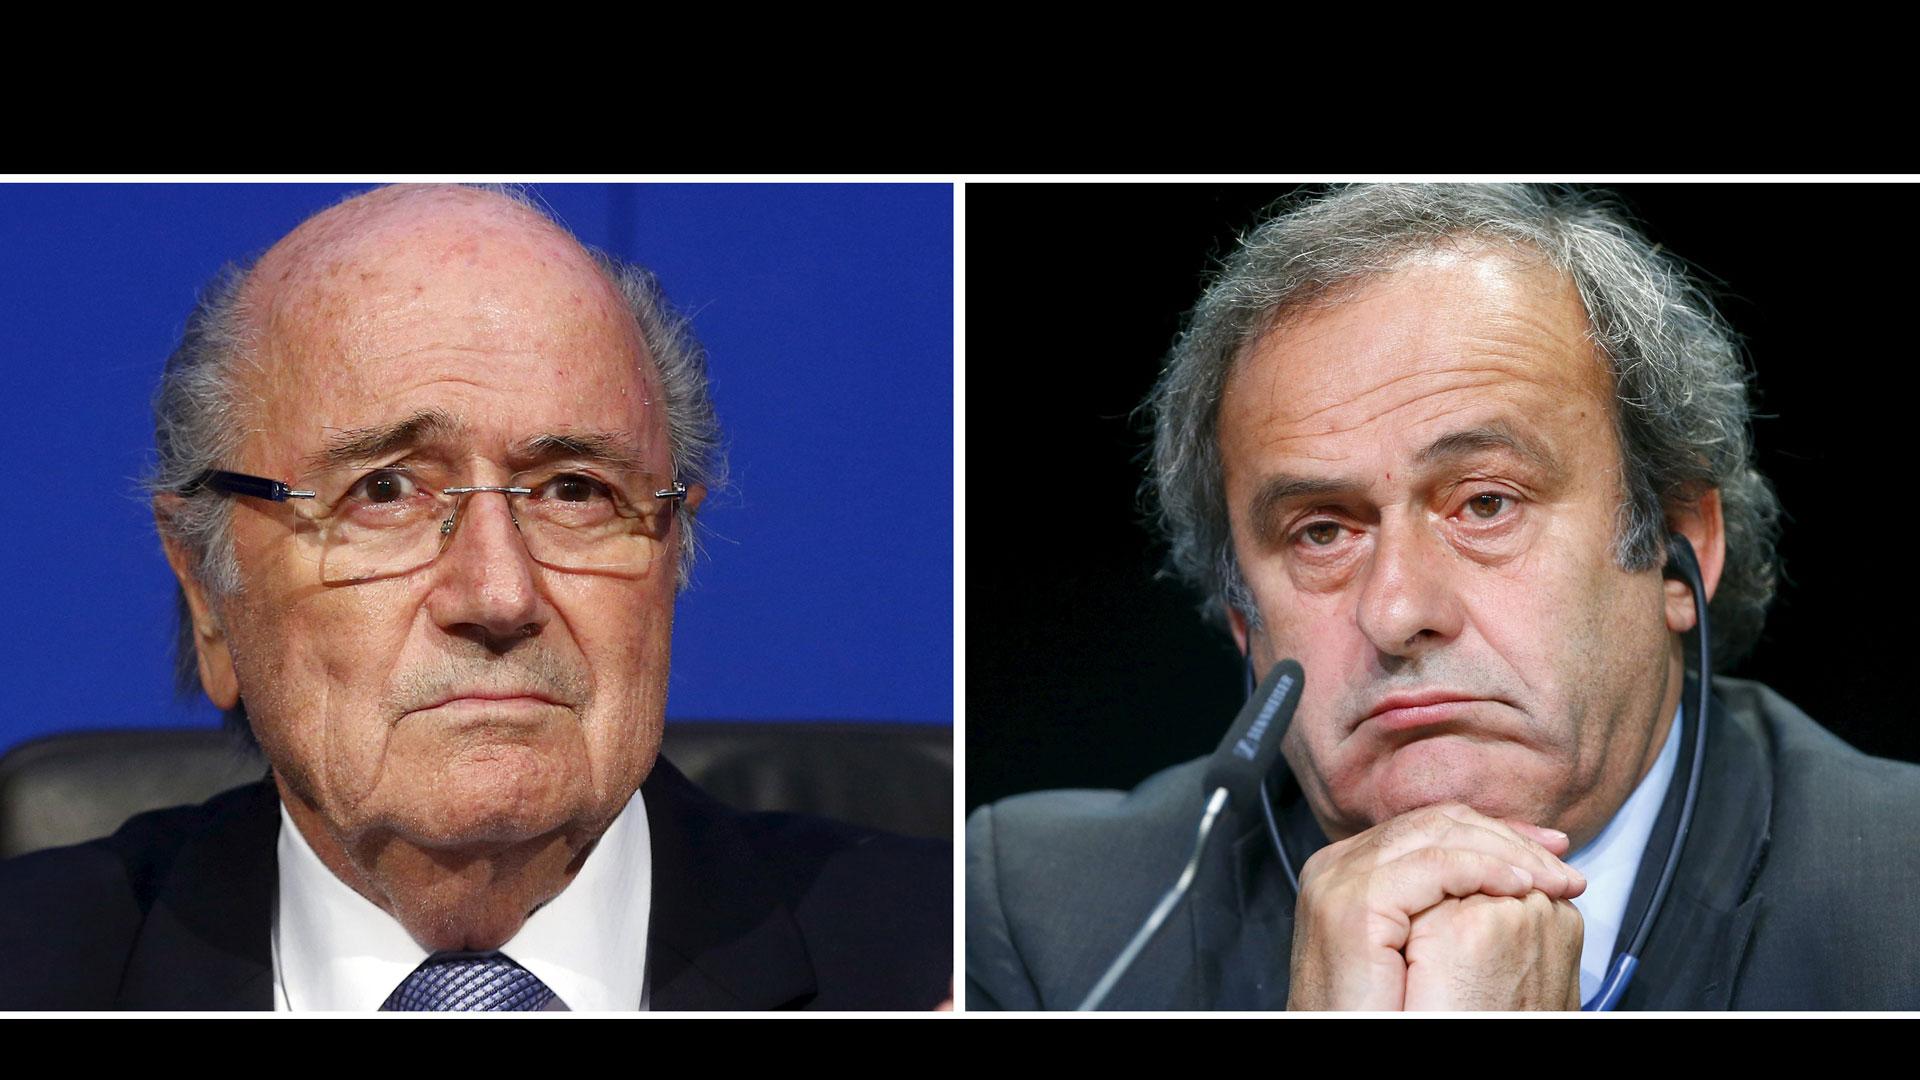 Los implicados deberán pagar 50 mil y 80 mil francos suizos respectivamente